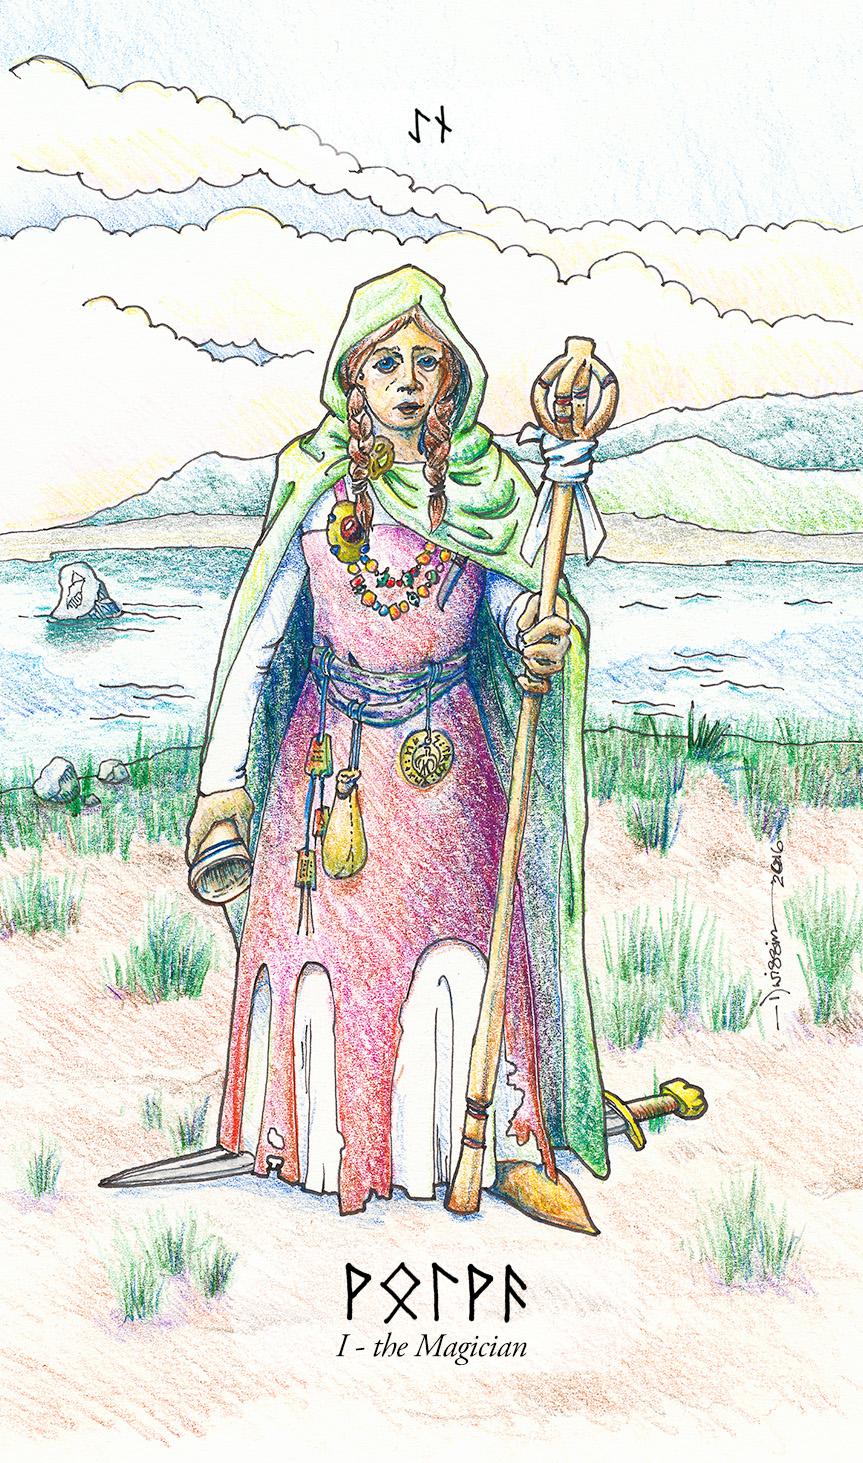 A völva as the Magician